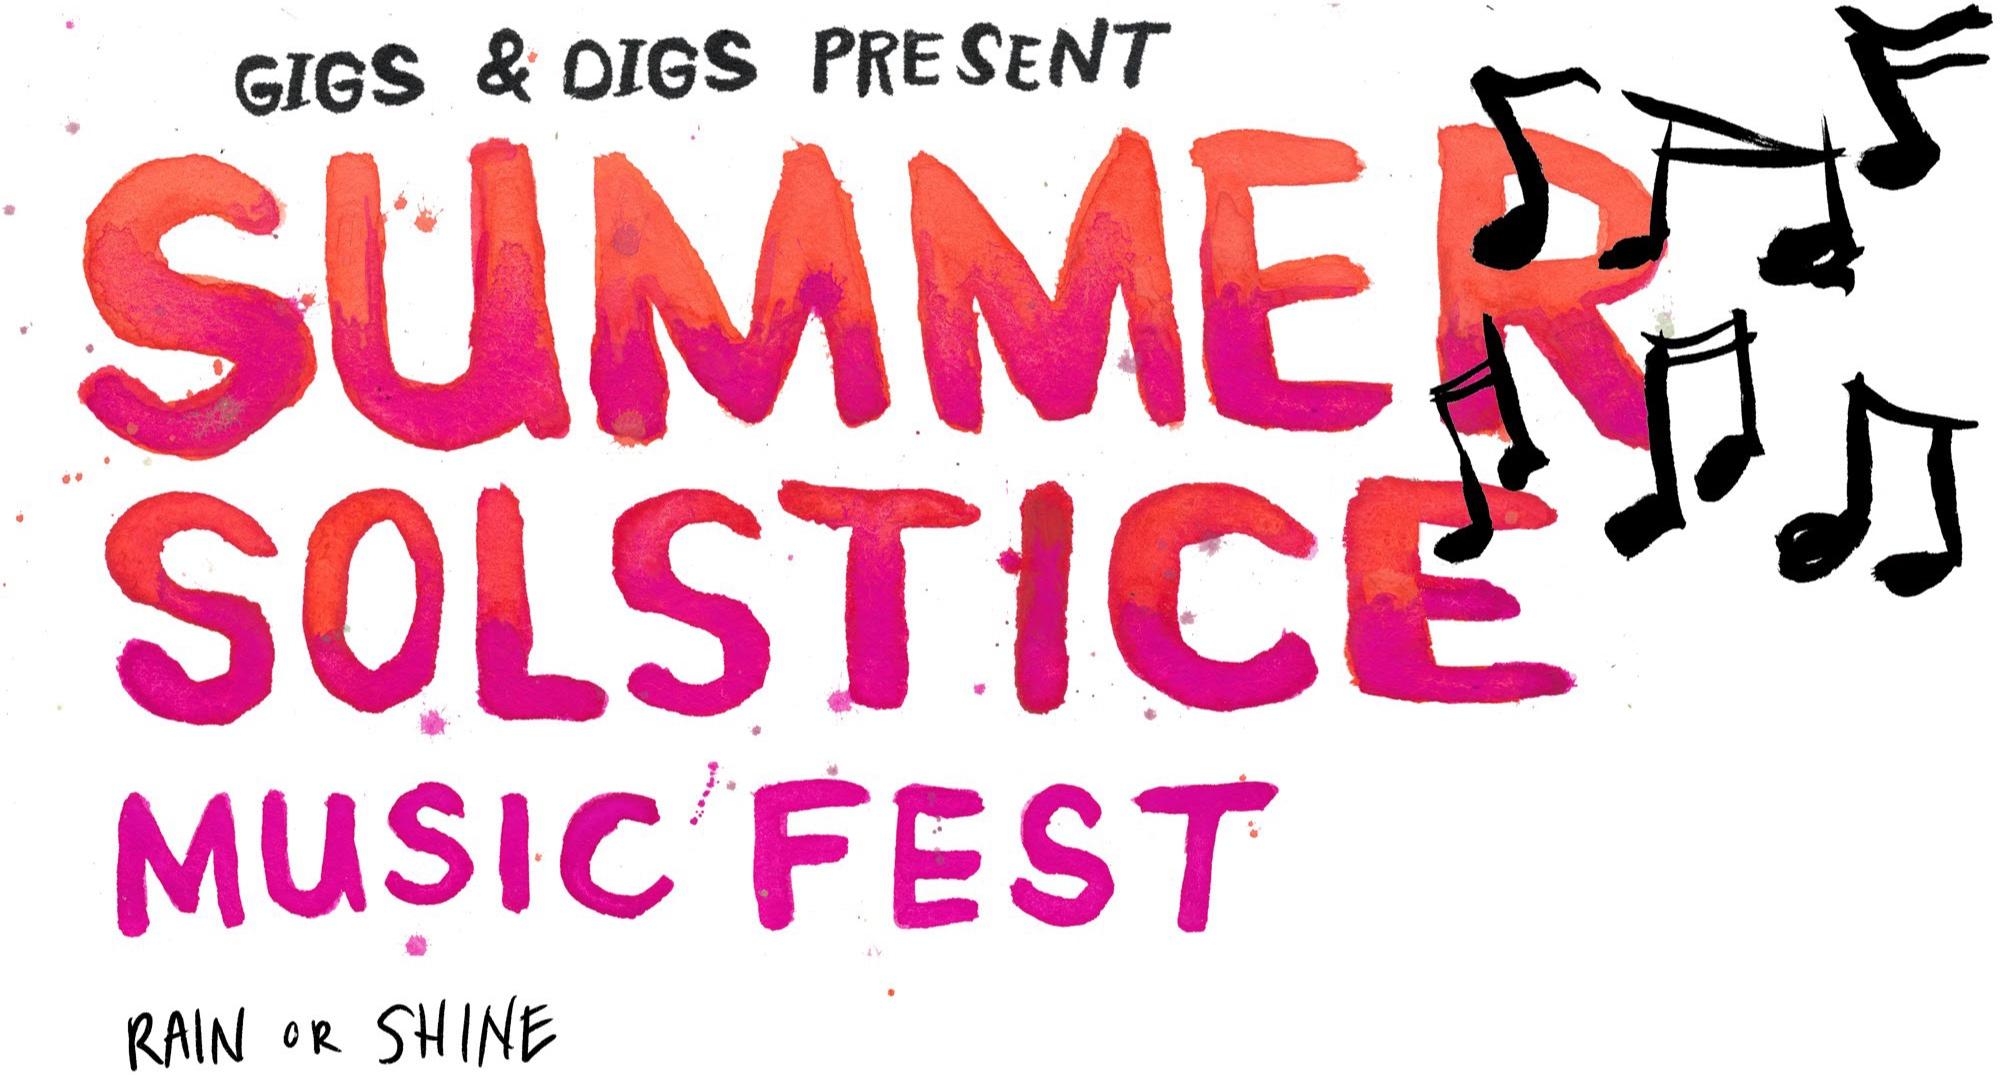 Summer-Solstice-Music-Fest-2019-01.jpg